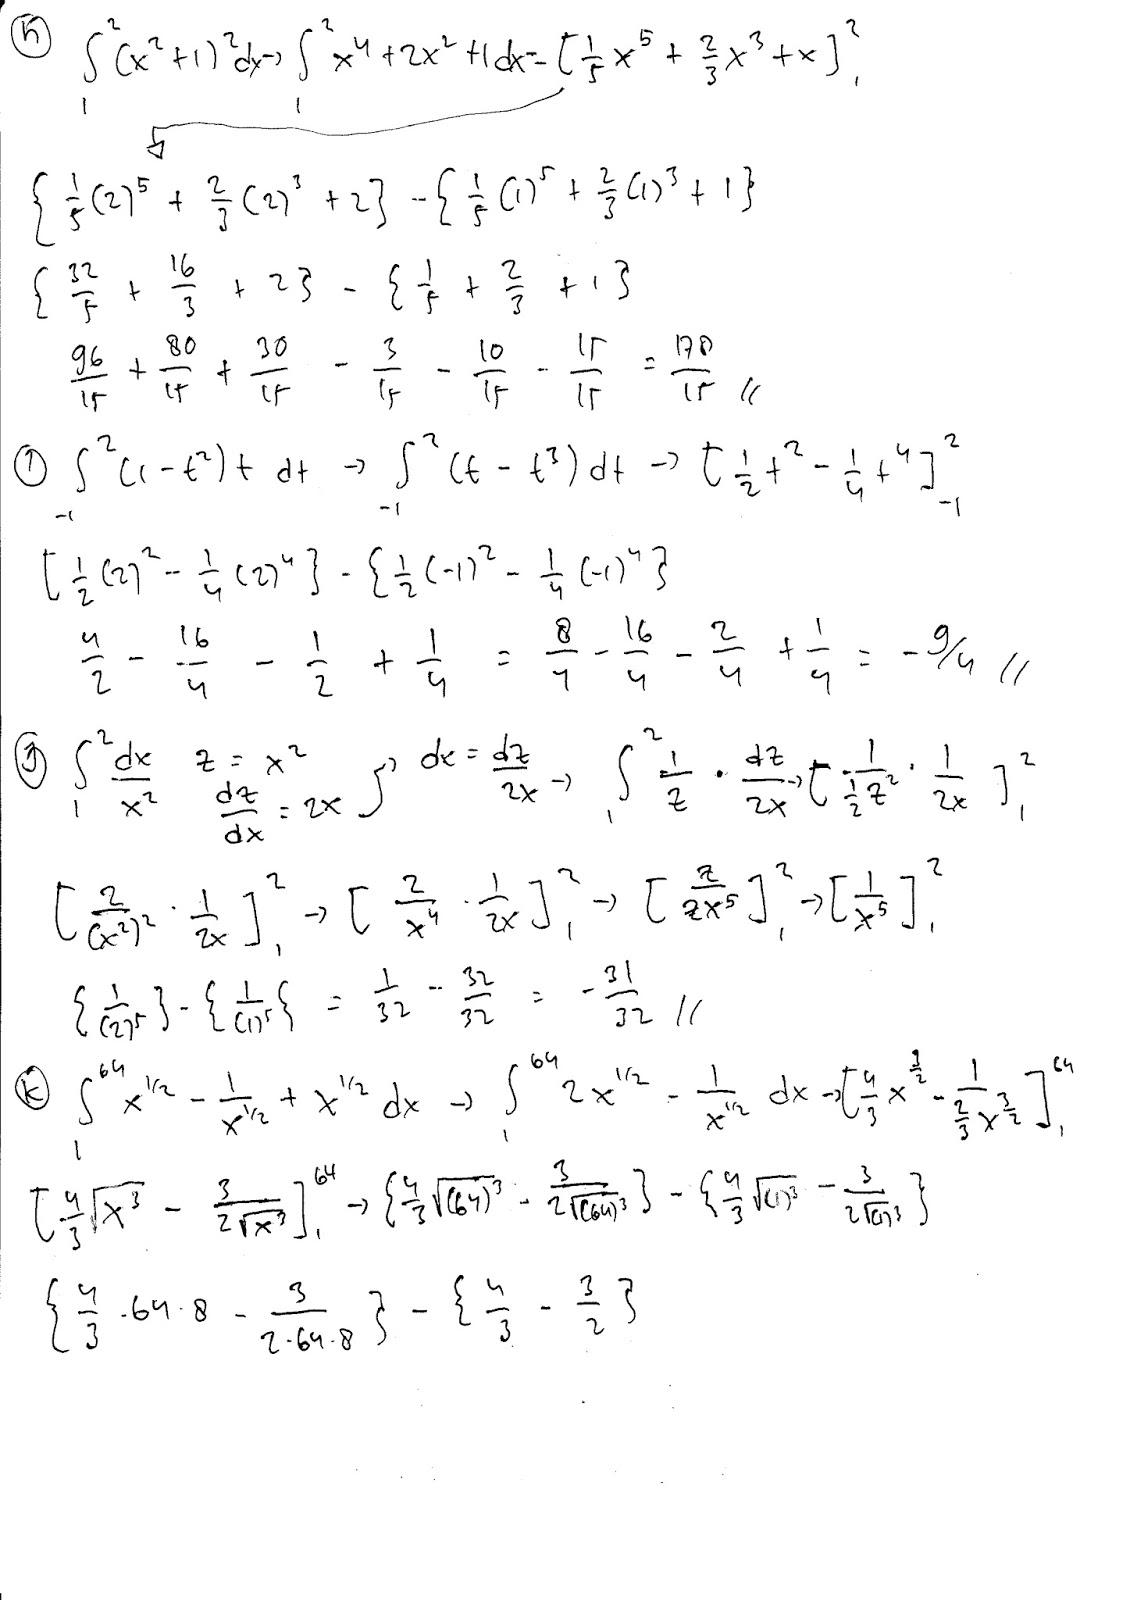 (statistika inferensia) nata wirawan cara mudah memahami statistika ekonomi dan bisnis (buku 2 : Matematika Ekonomi Buku Karya Nata Wirawan Halaman 263 Tentang Integral Mai Melajah